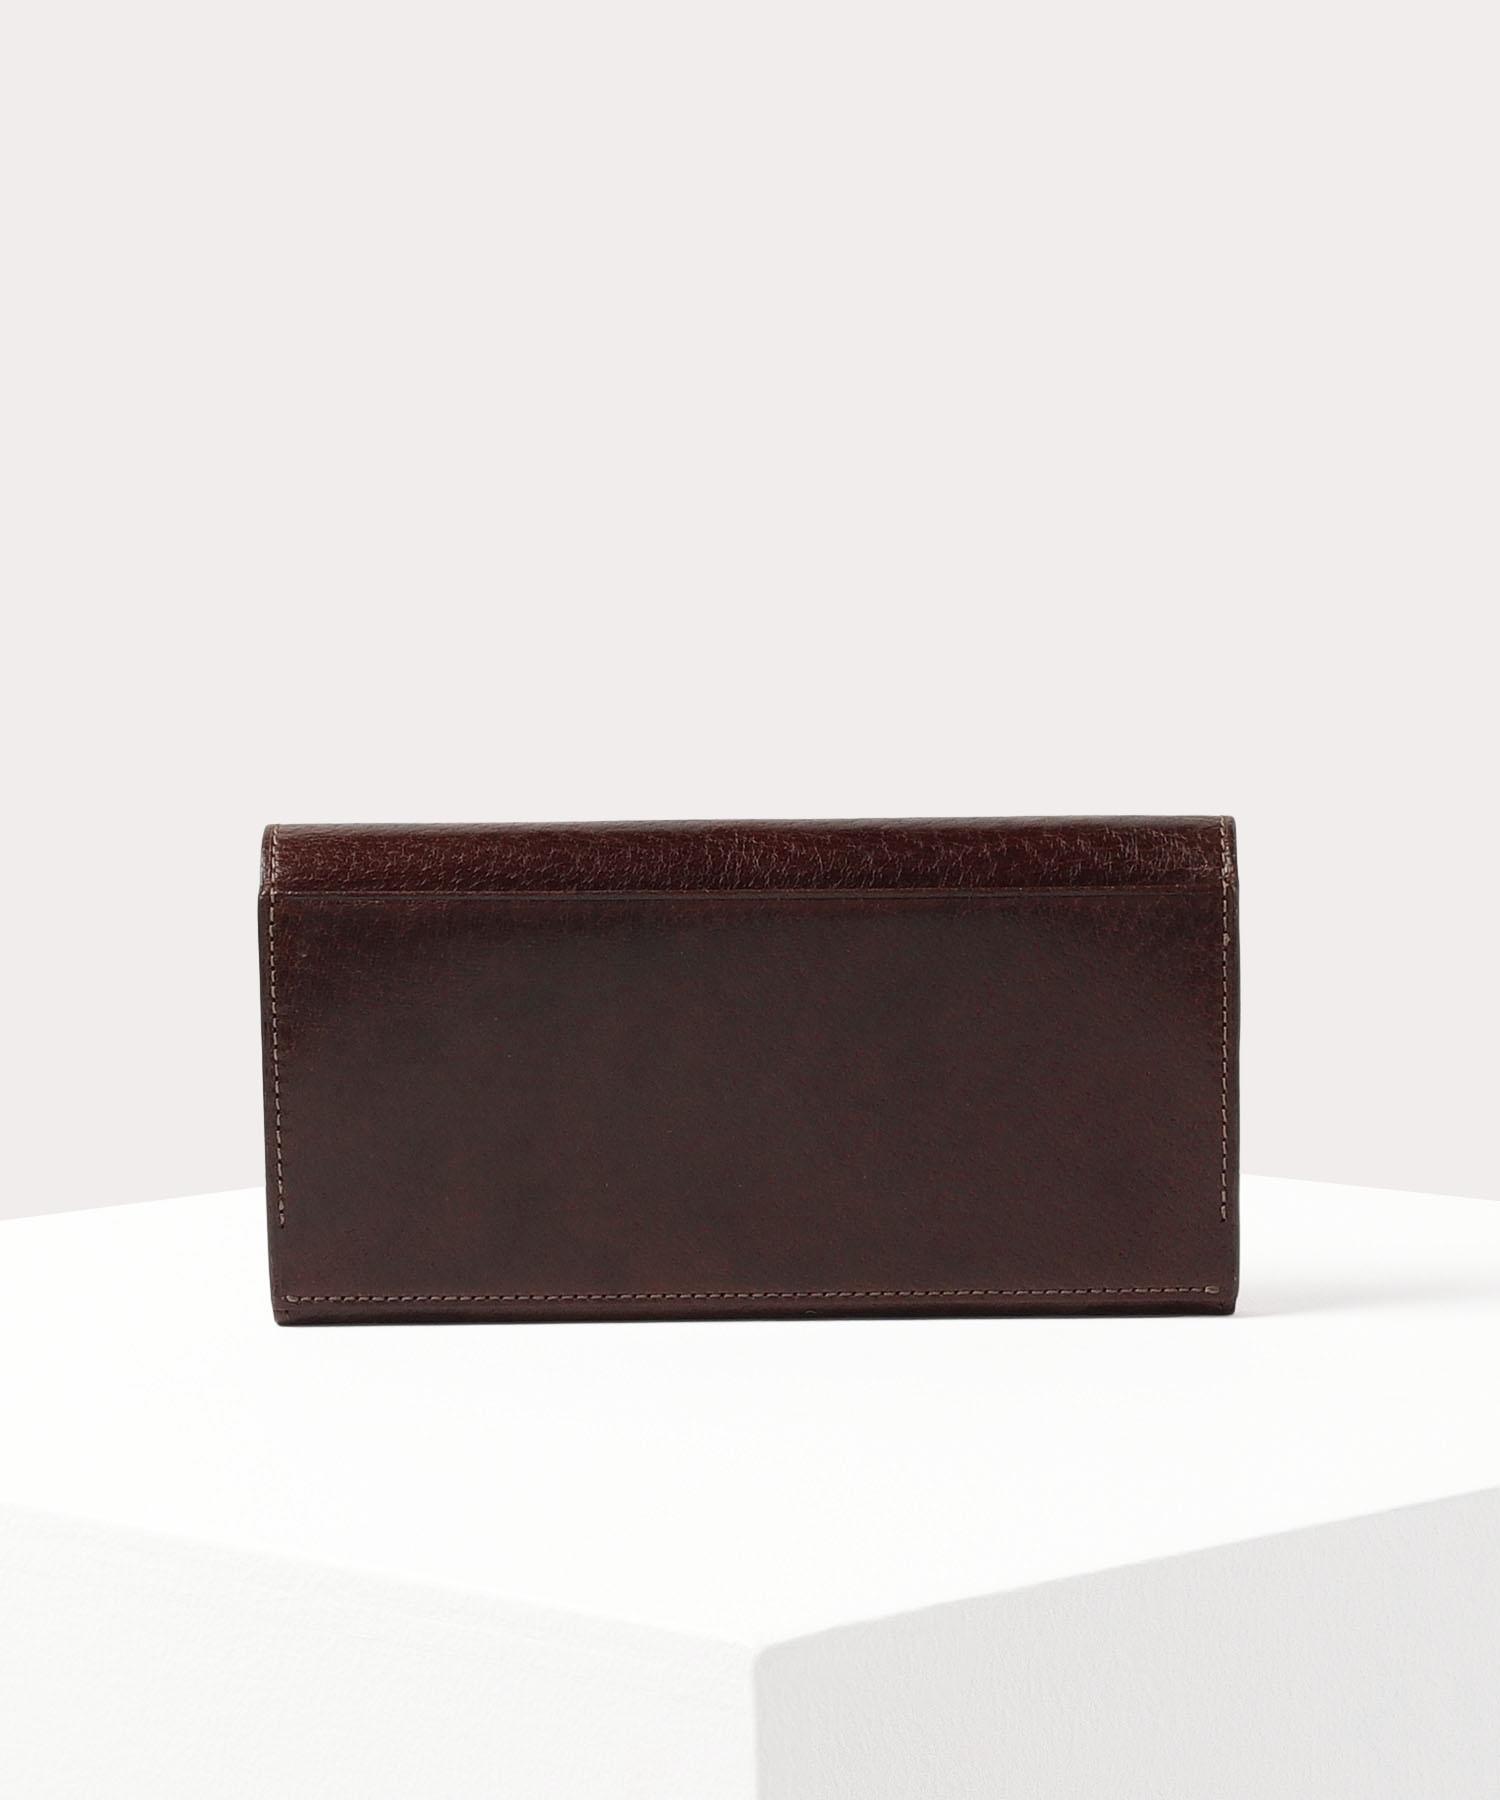 ピッグスキン 長財布